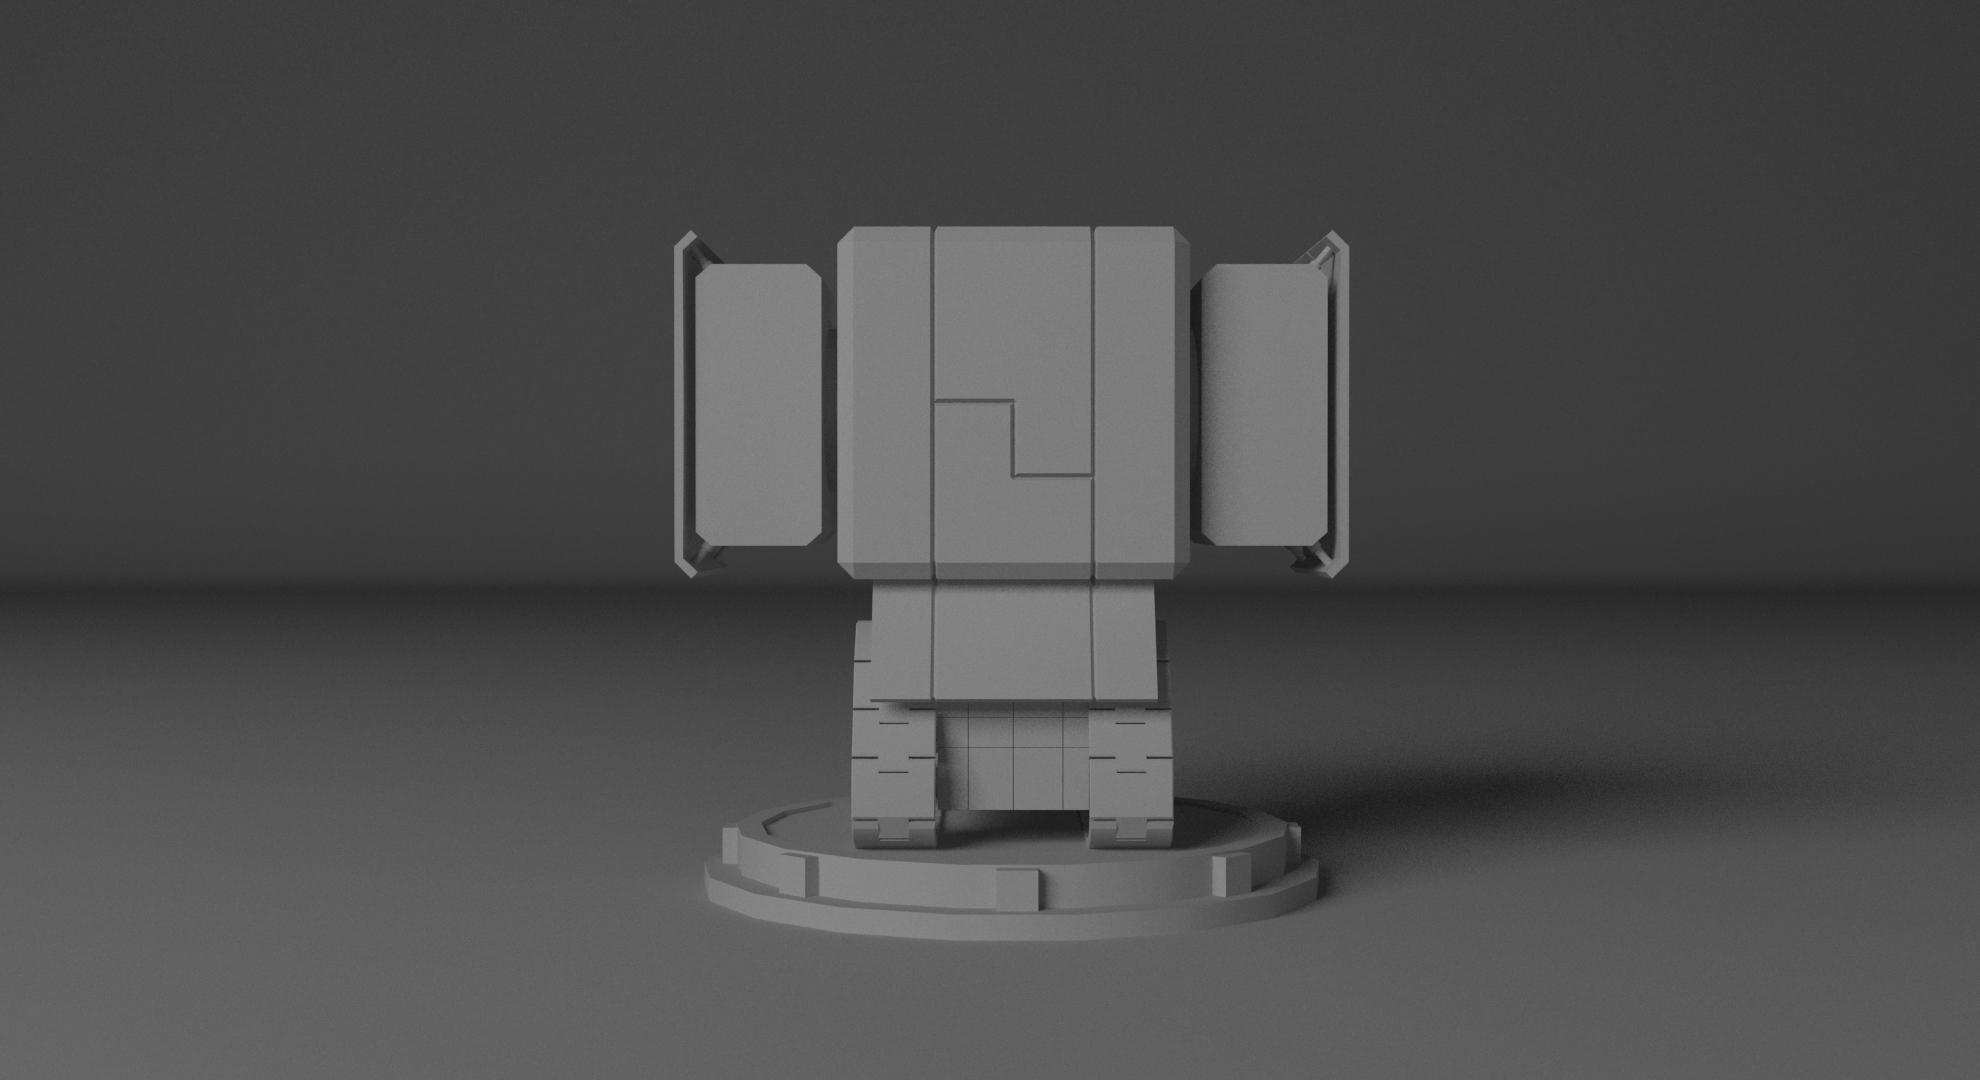 Tank_3.jpg